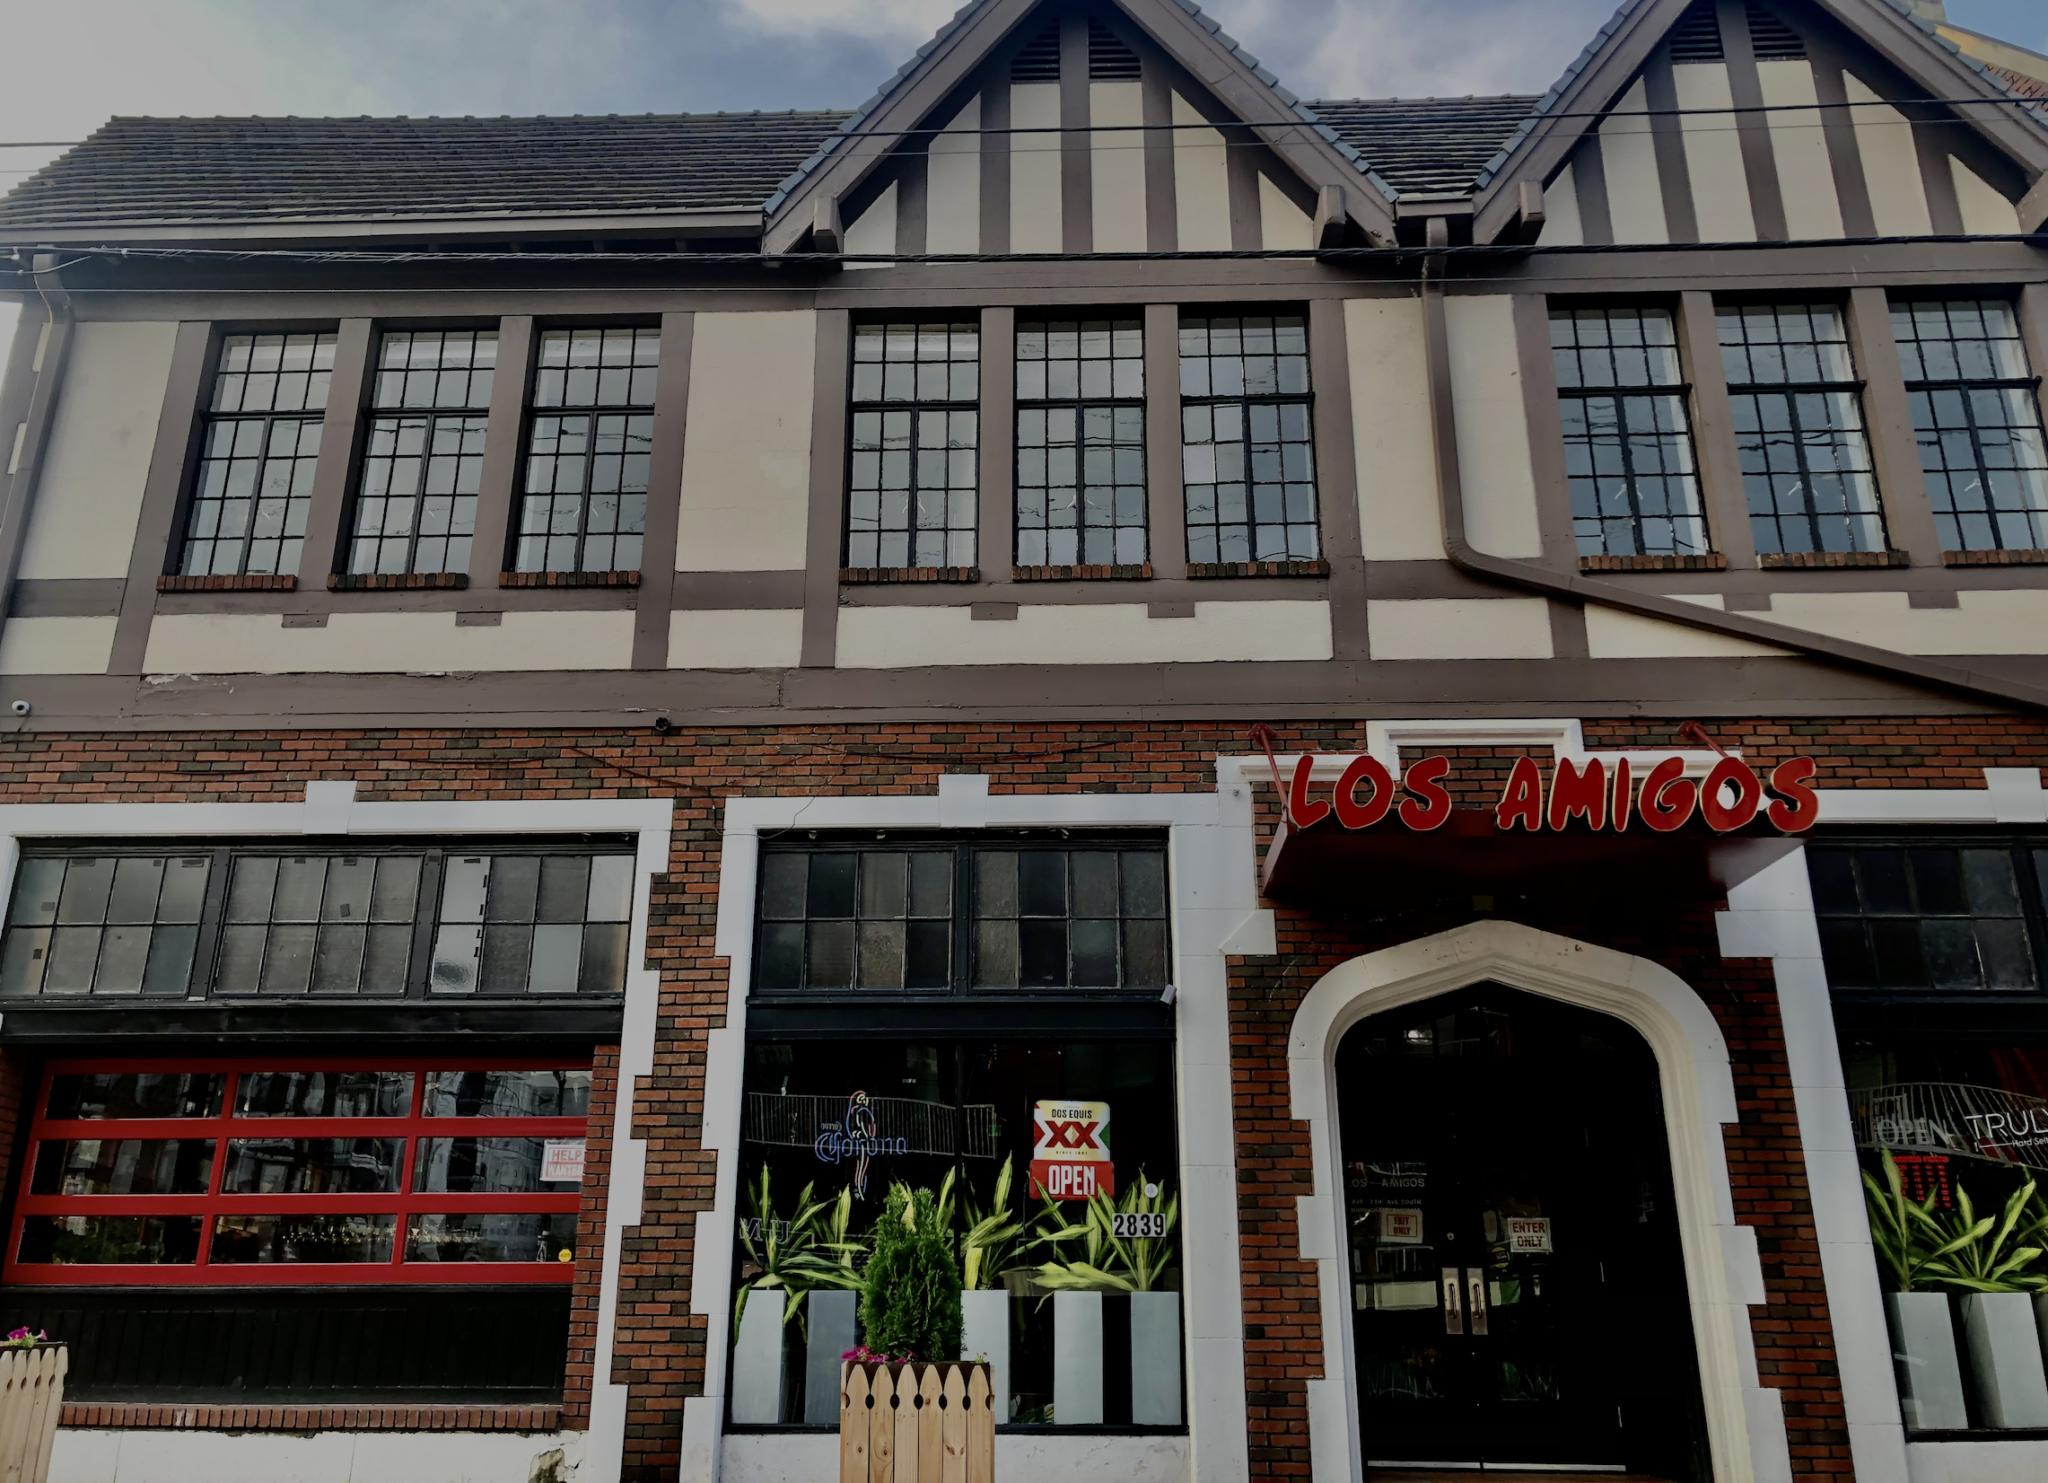 Wasabi Juan's, Los Amigos, Ensley Seafood earn 95+ food service scores in July